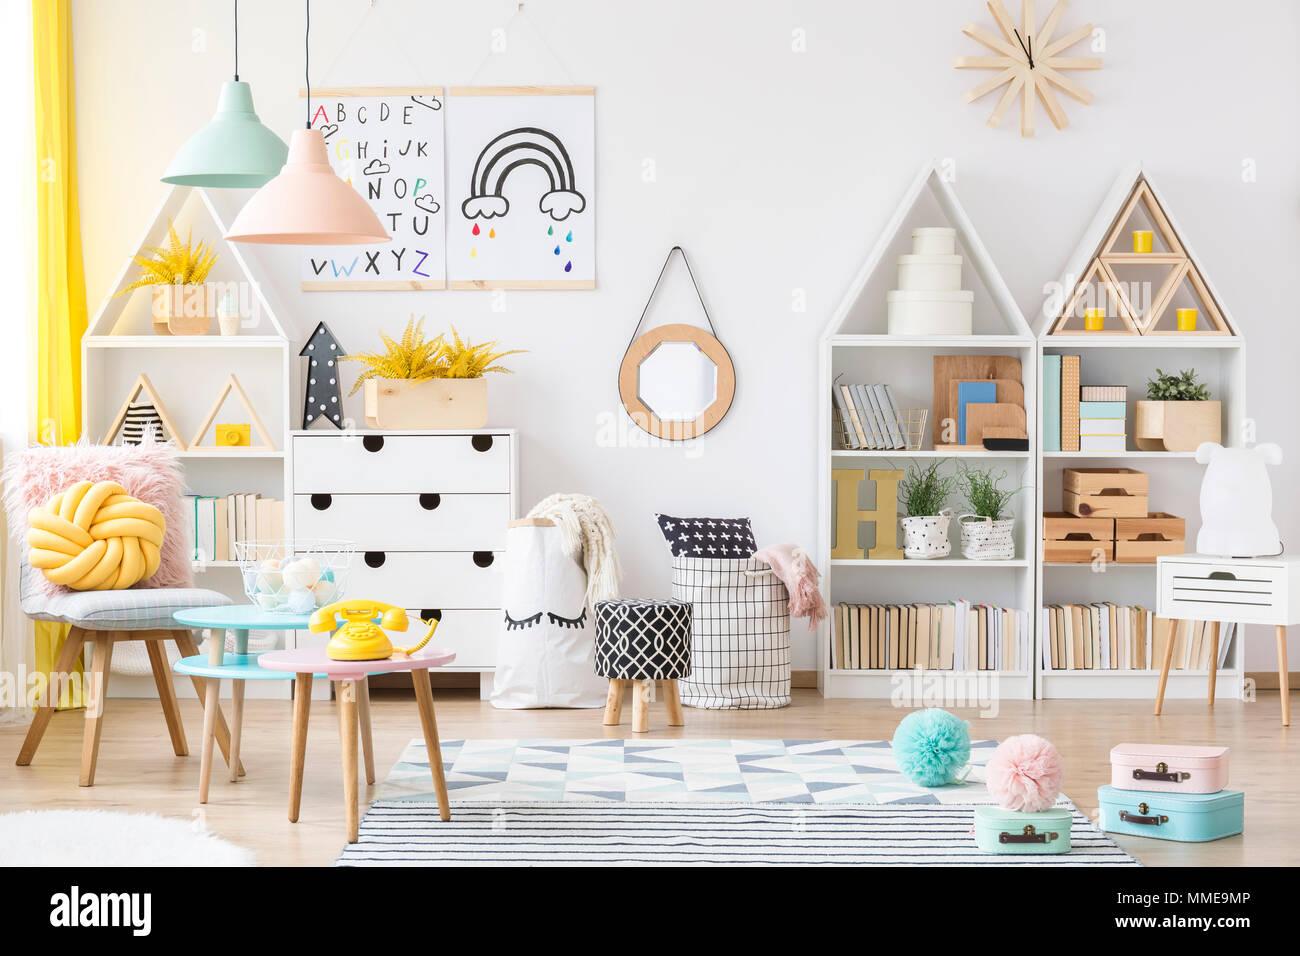 Zwei Einfache Plakate Hangen An Weisse Wand Im Kinderzimmer